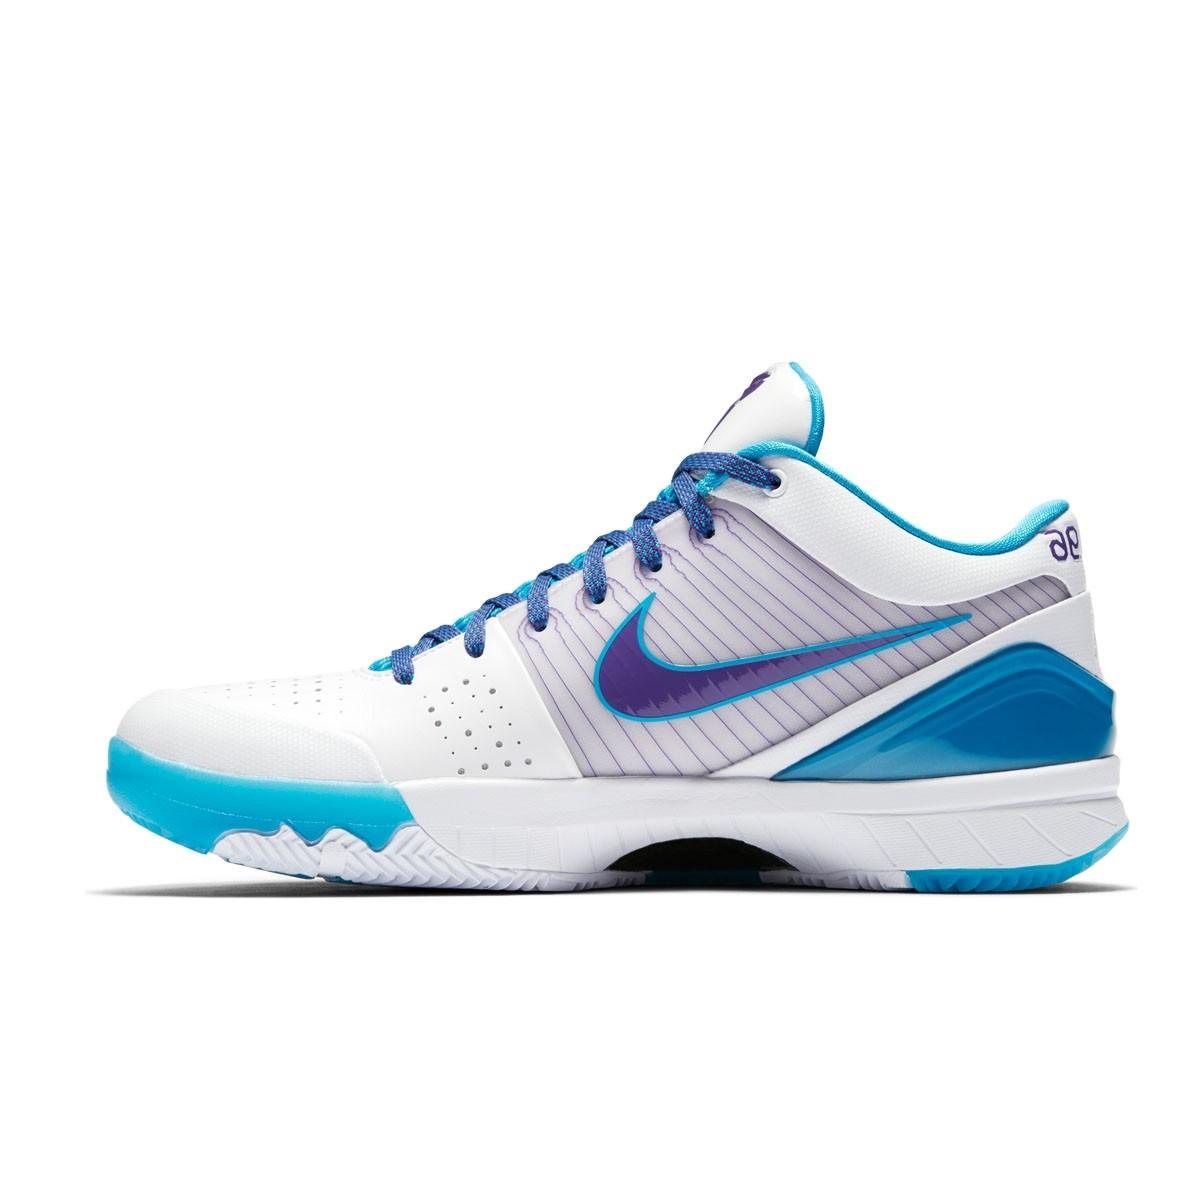 c684a5e46e2 Comprar Nike Kobe IV Protro  Draft Day  Zapatillas Baloncesto y ...